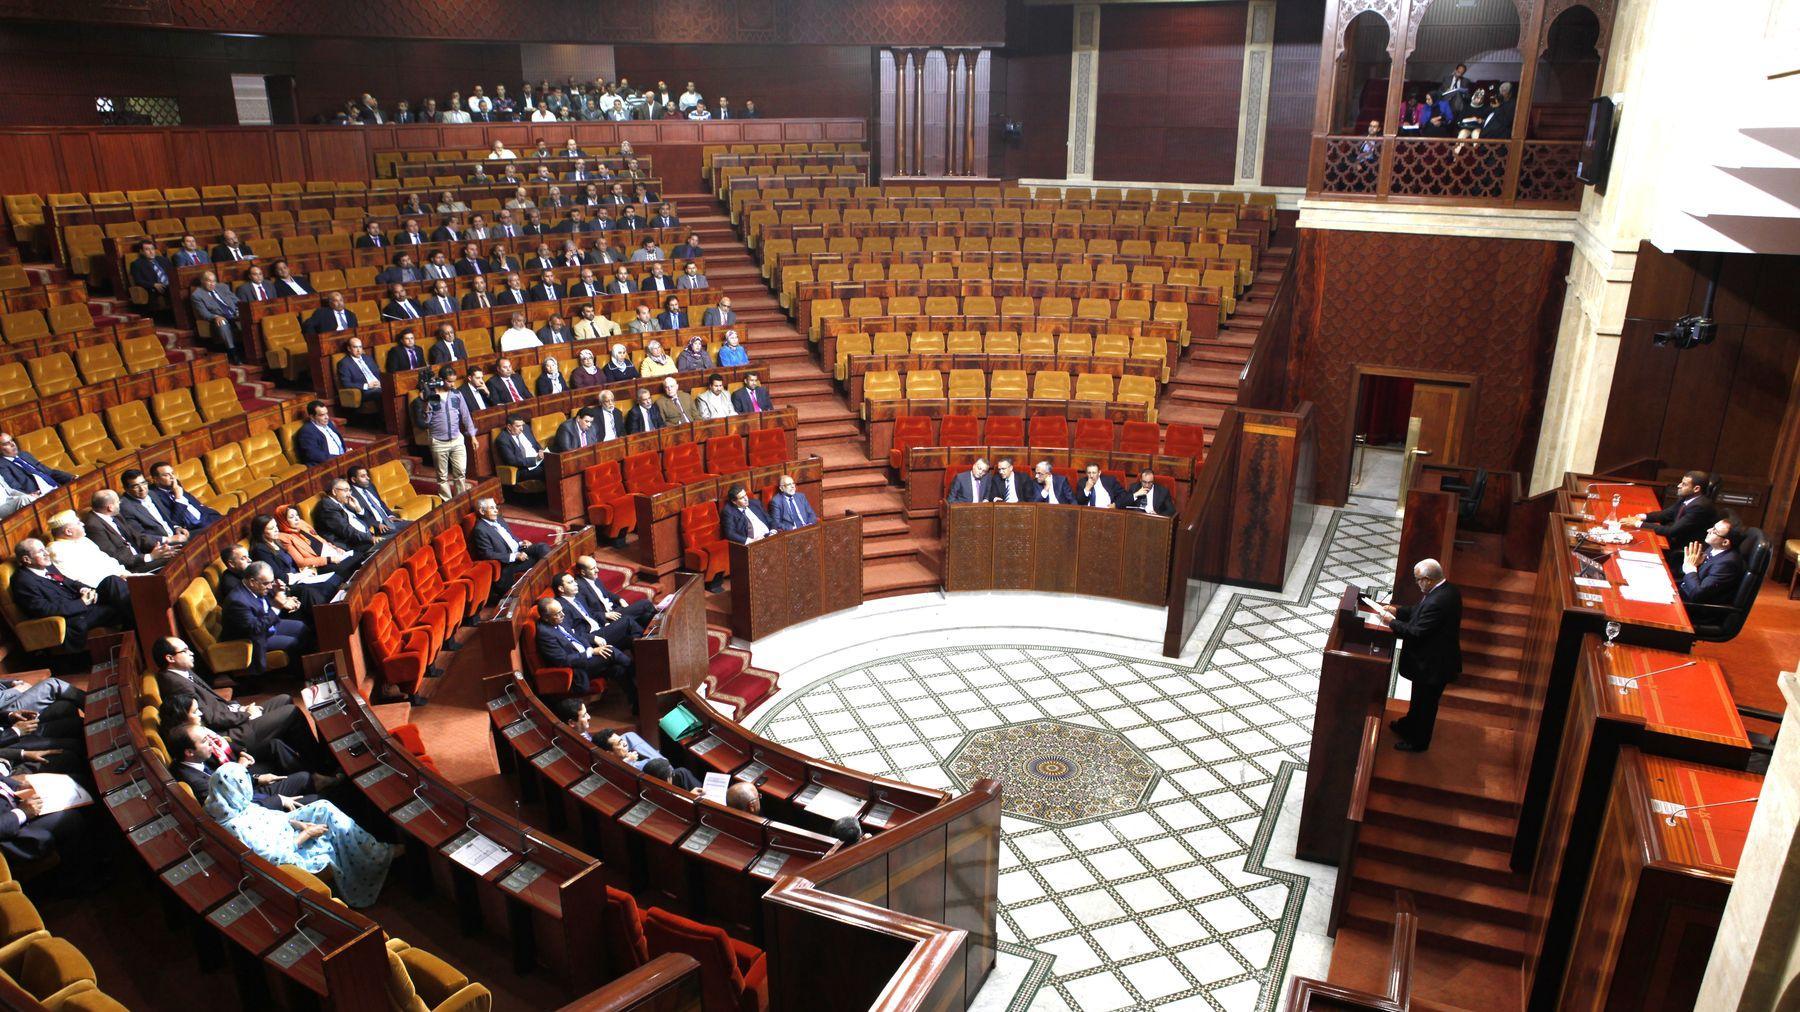 مجلس النواب يخرج بصيغة جديدة لنظام معاشات أعضاء المجلس